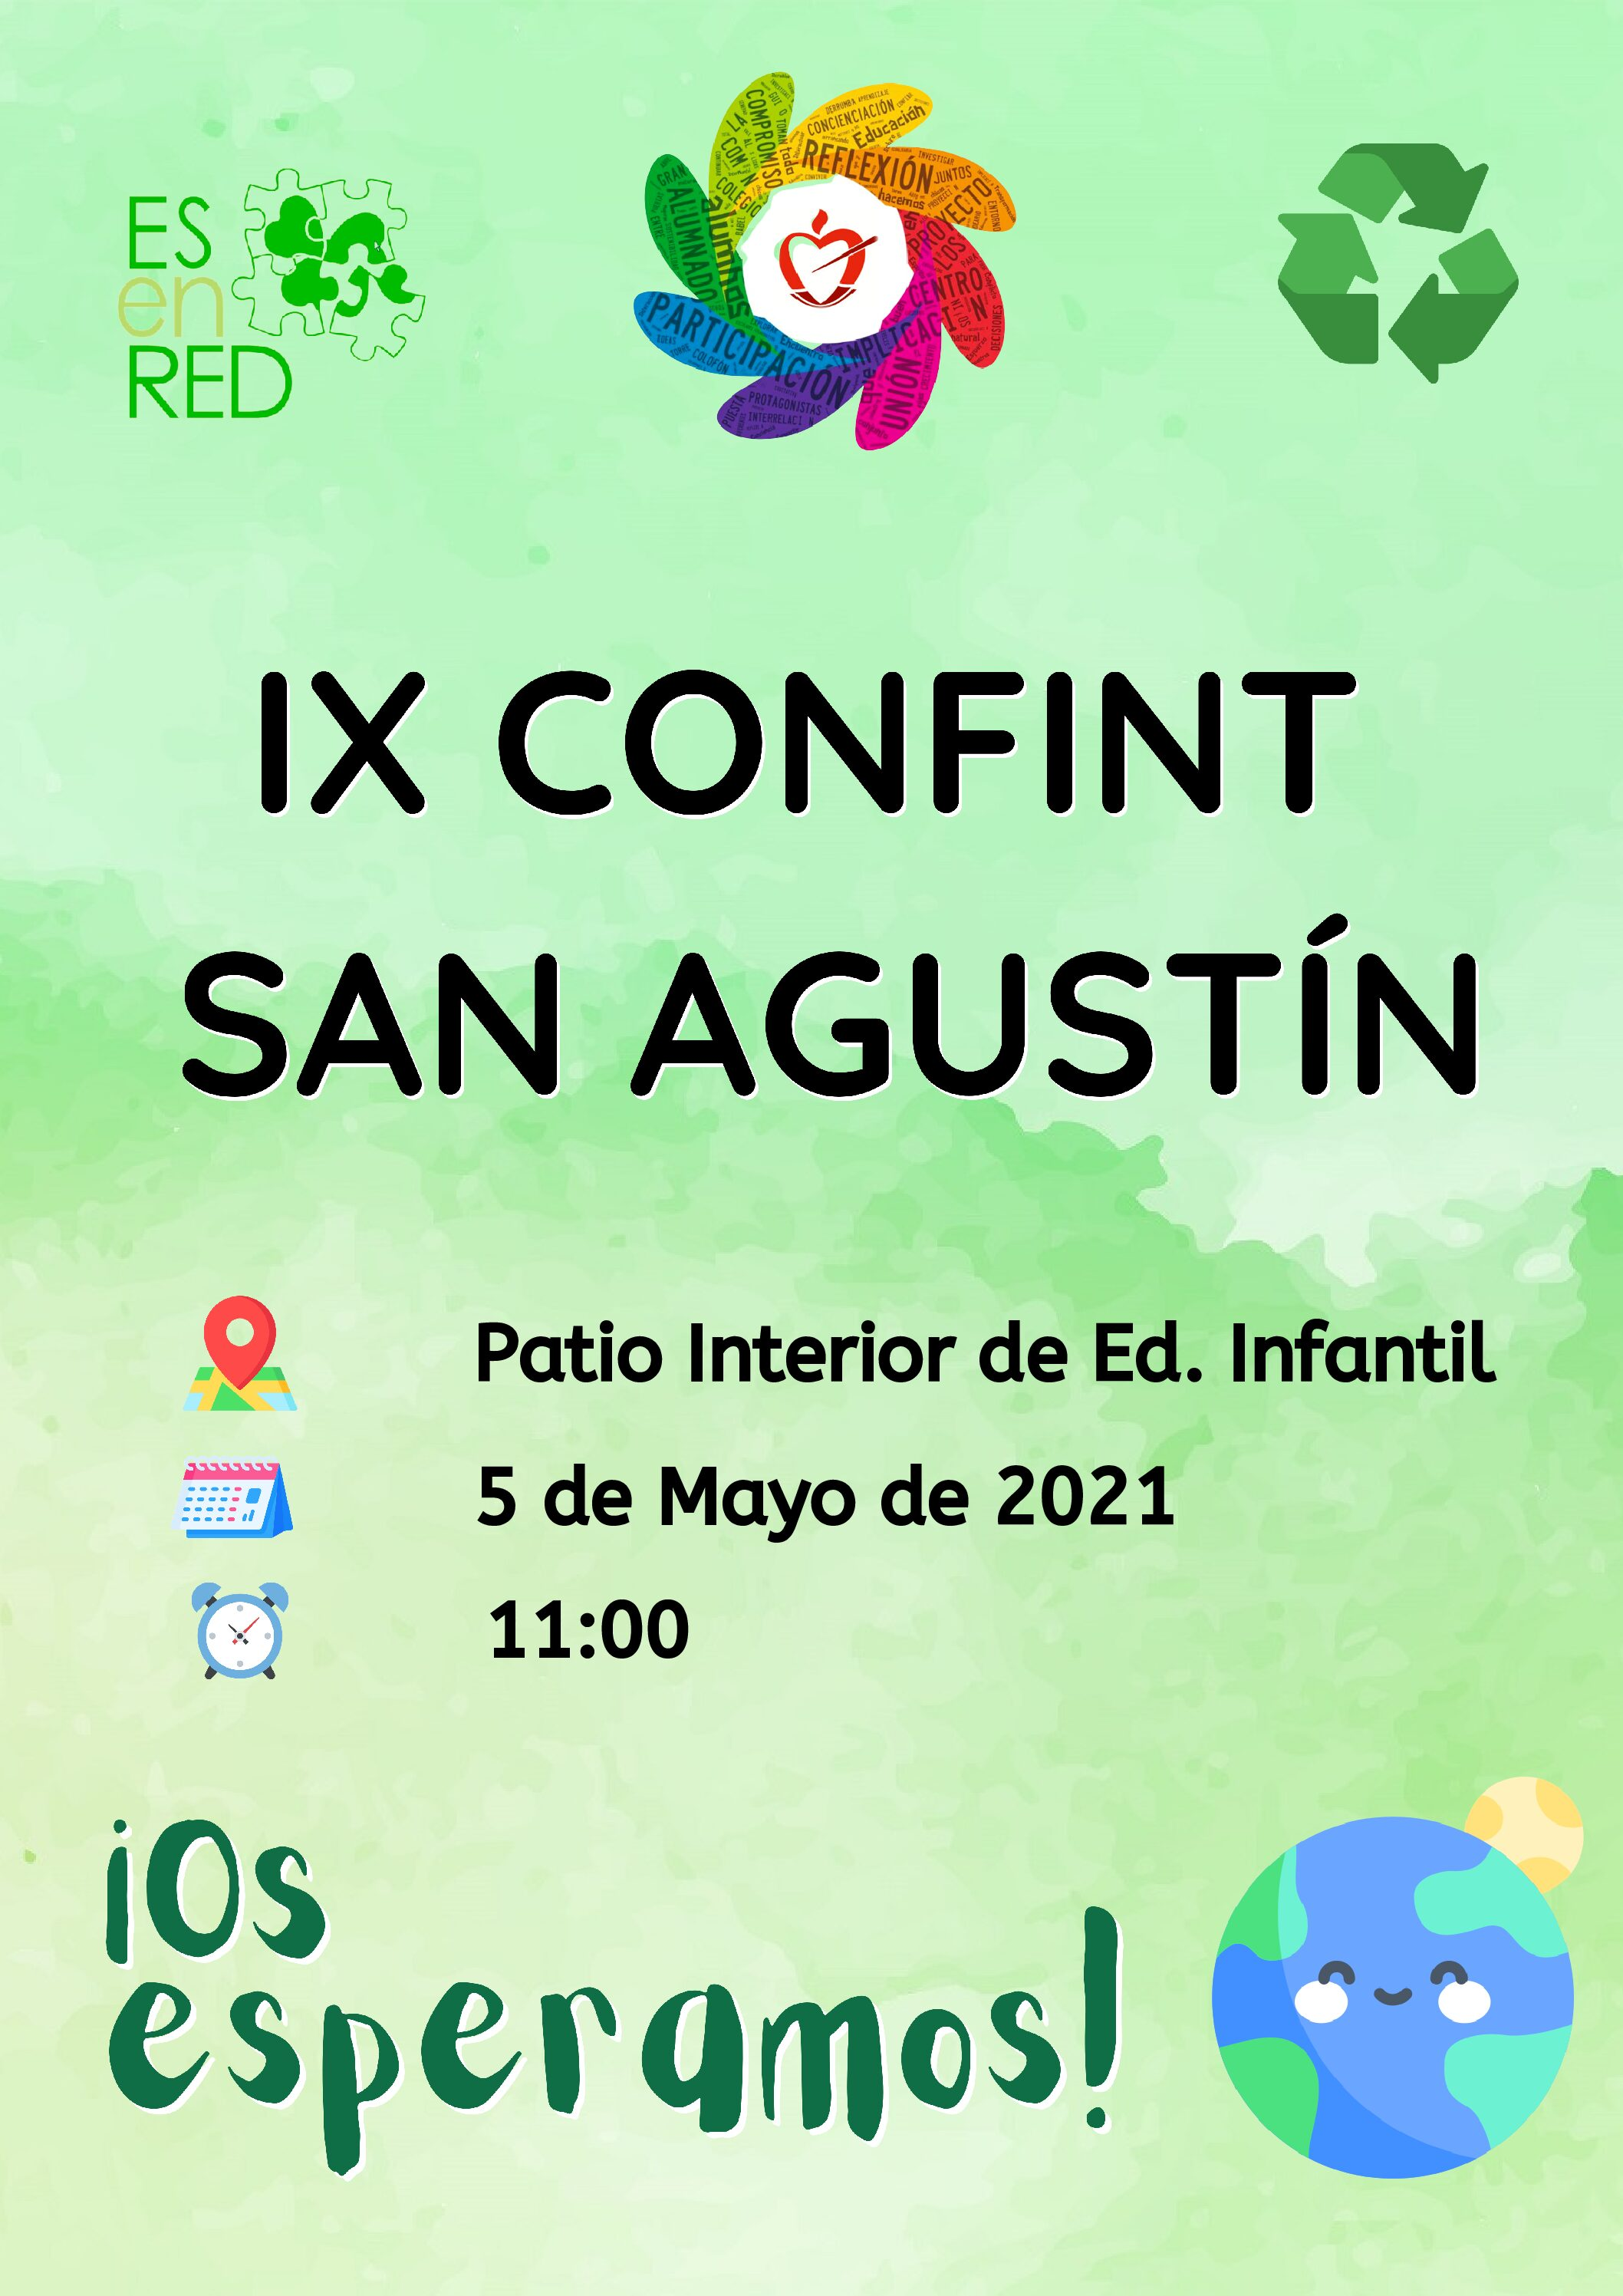 IX CONFINT SAN AGUSTÍN